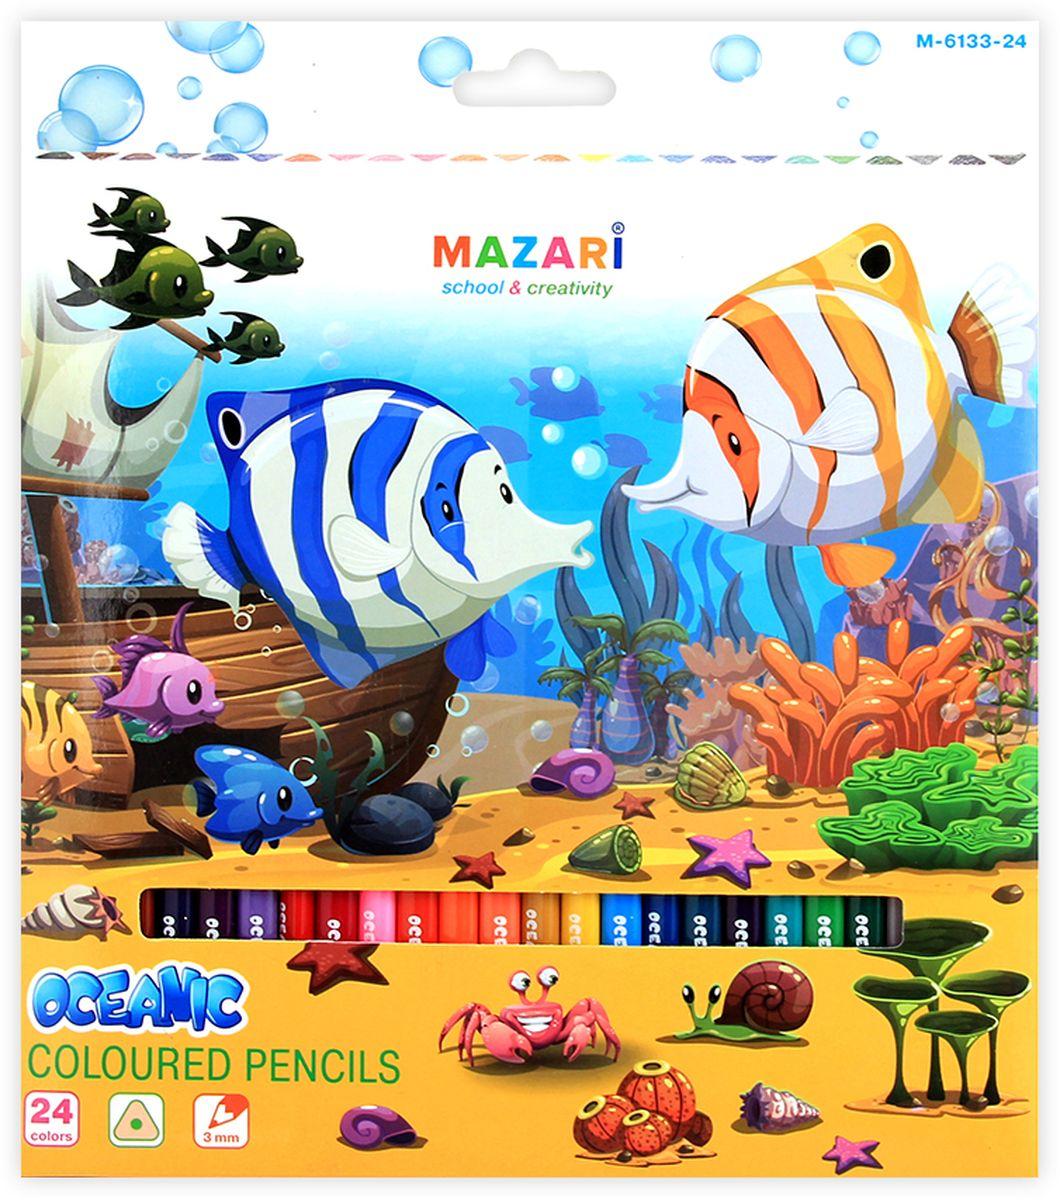 Mazari Набор цветных карандашей Oceanic 24 шт2010440Карандаши цветные Mazari Oceanic имеют эргономичную трехгранную форму корпуса.Карандаши поставляются с заточенным грифелем. Цветные карандаши имеют яркие насыщенные цвета. В наборе 24 карандаша. Карандаши легко затачиваются.С цветными карандашами ваши дети будут создавать яркие и запоминающиеся рисунки.